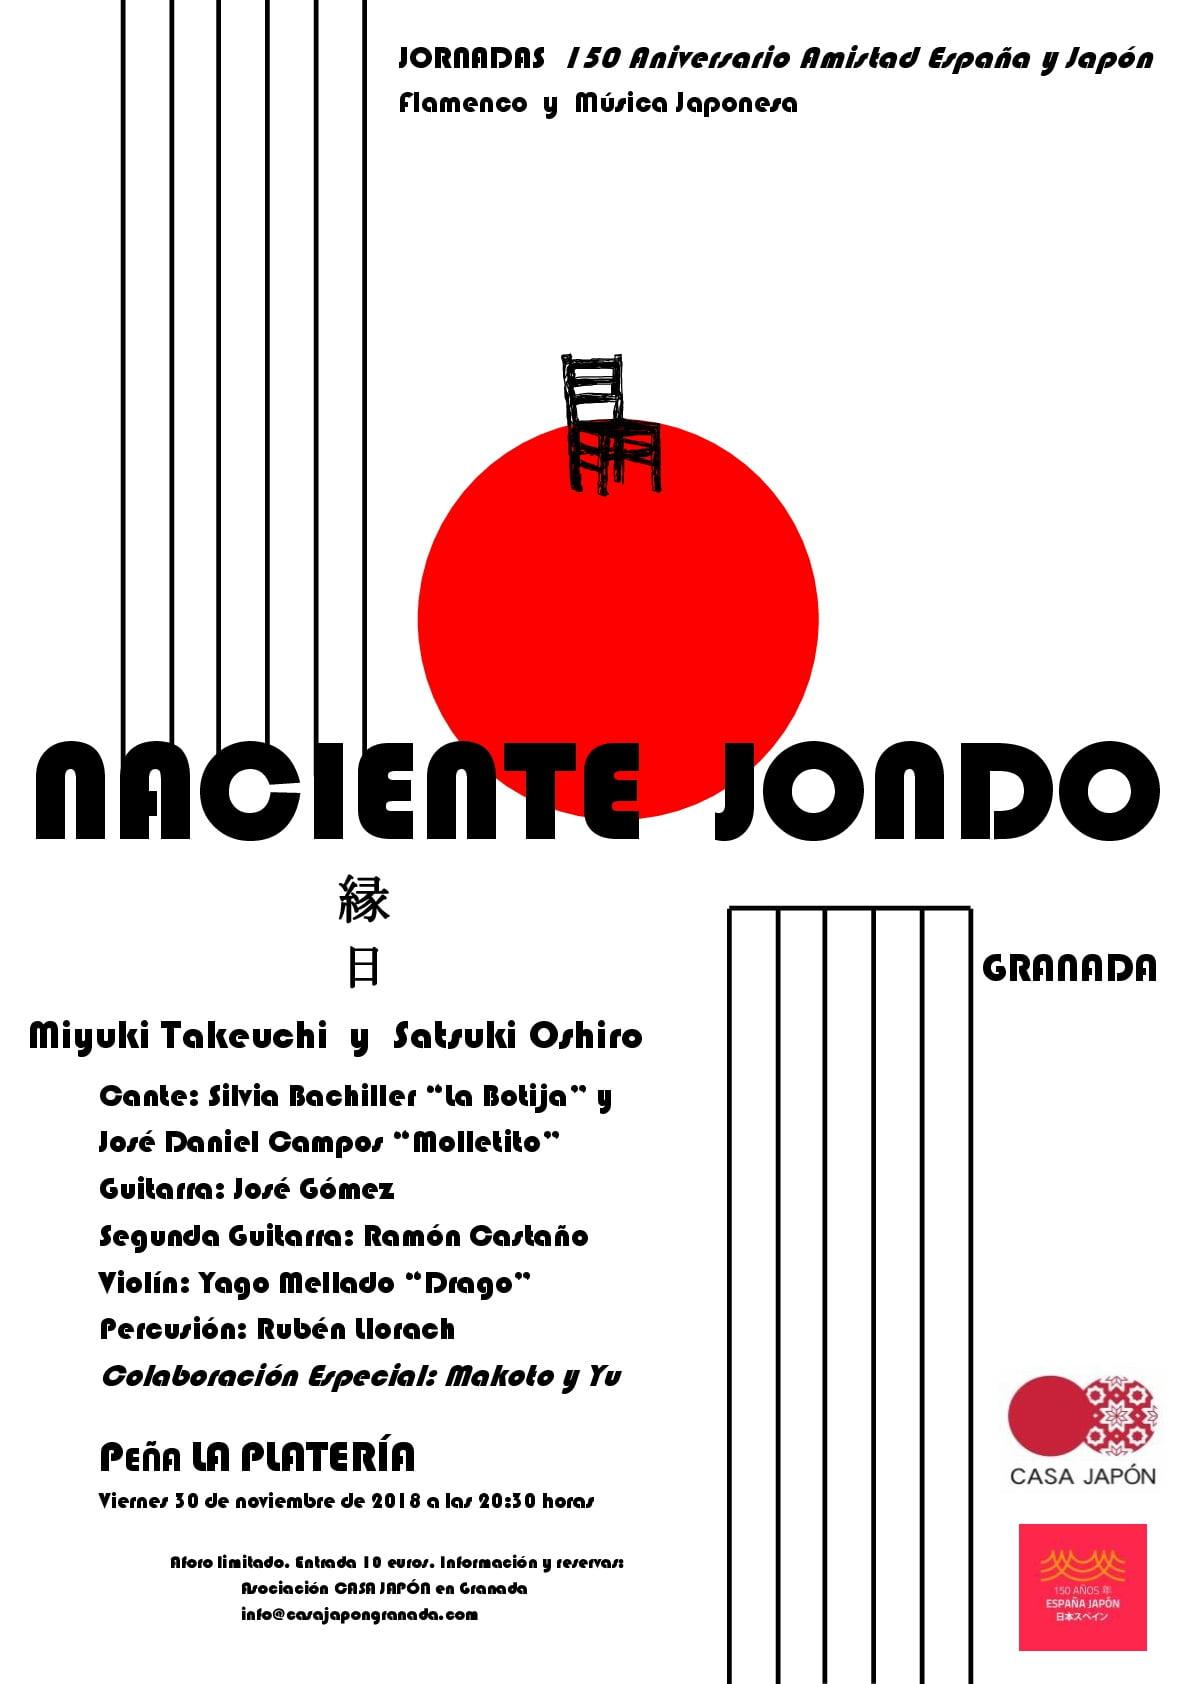 Cartel del espectáculo Flamenco y Música japonesa 2018